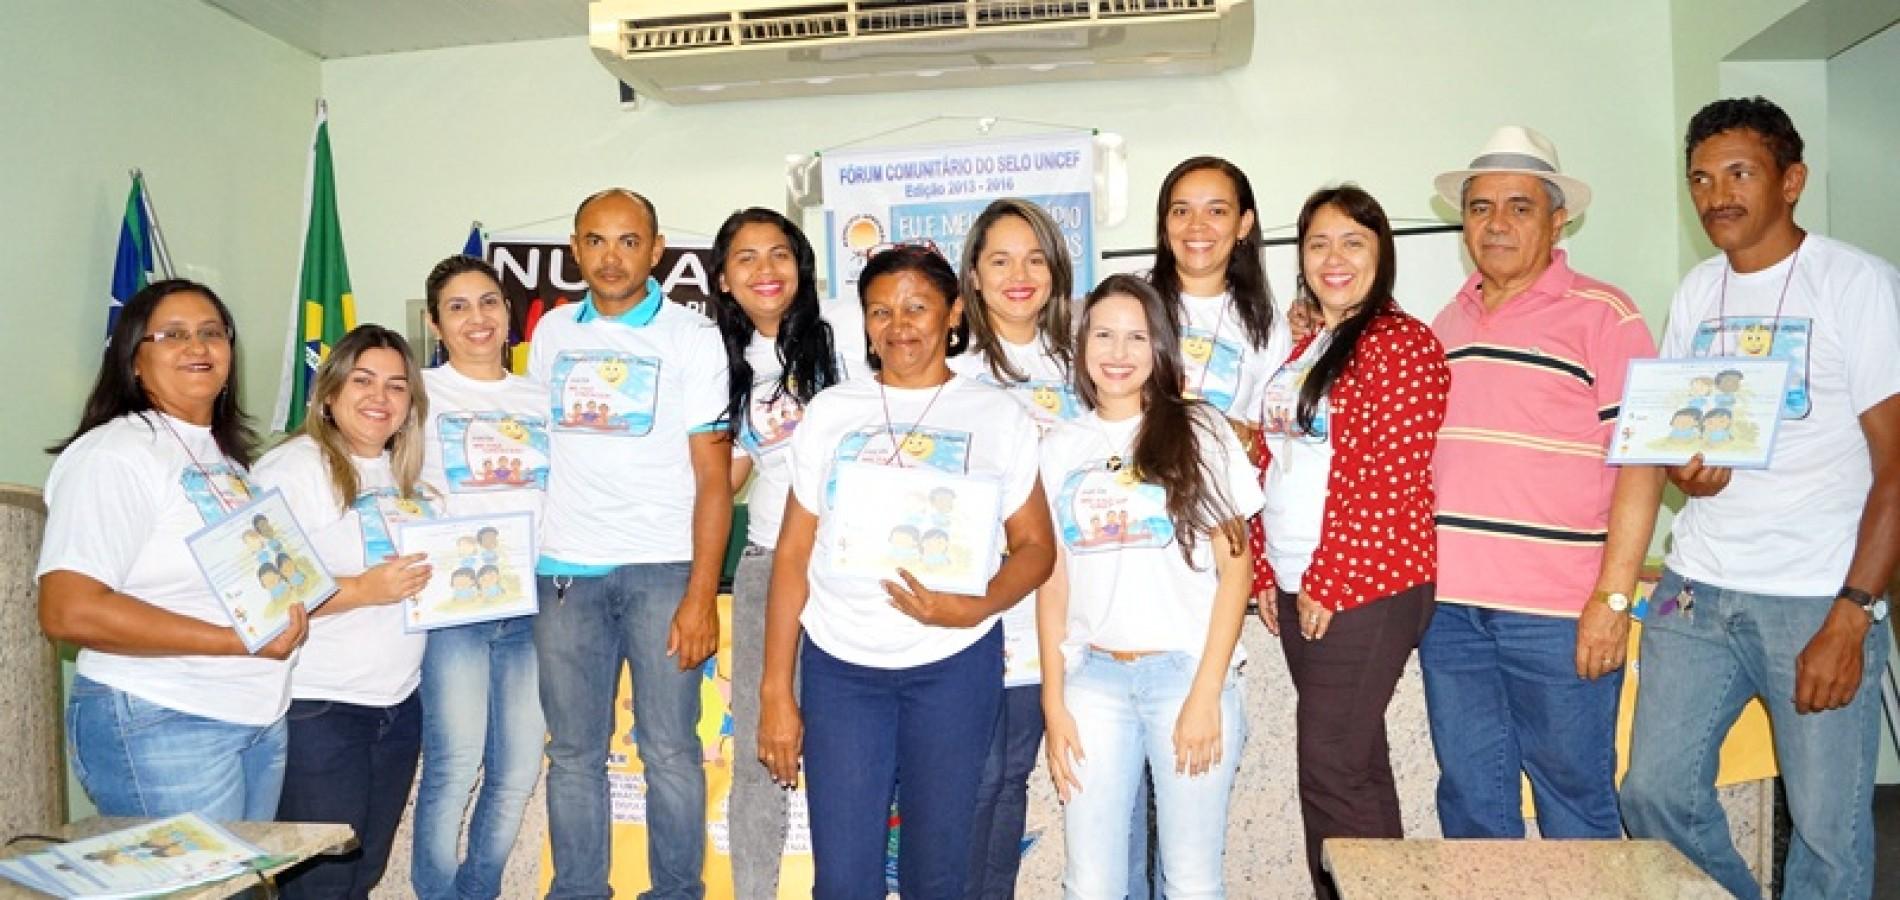 FOTOS   Fórum Comunitário do Selo Unicef em Jaicós